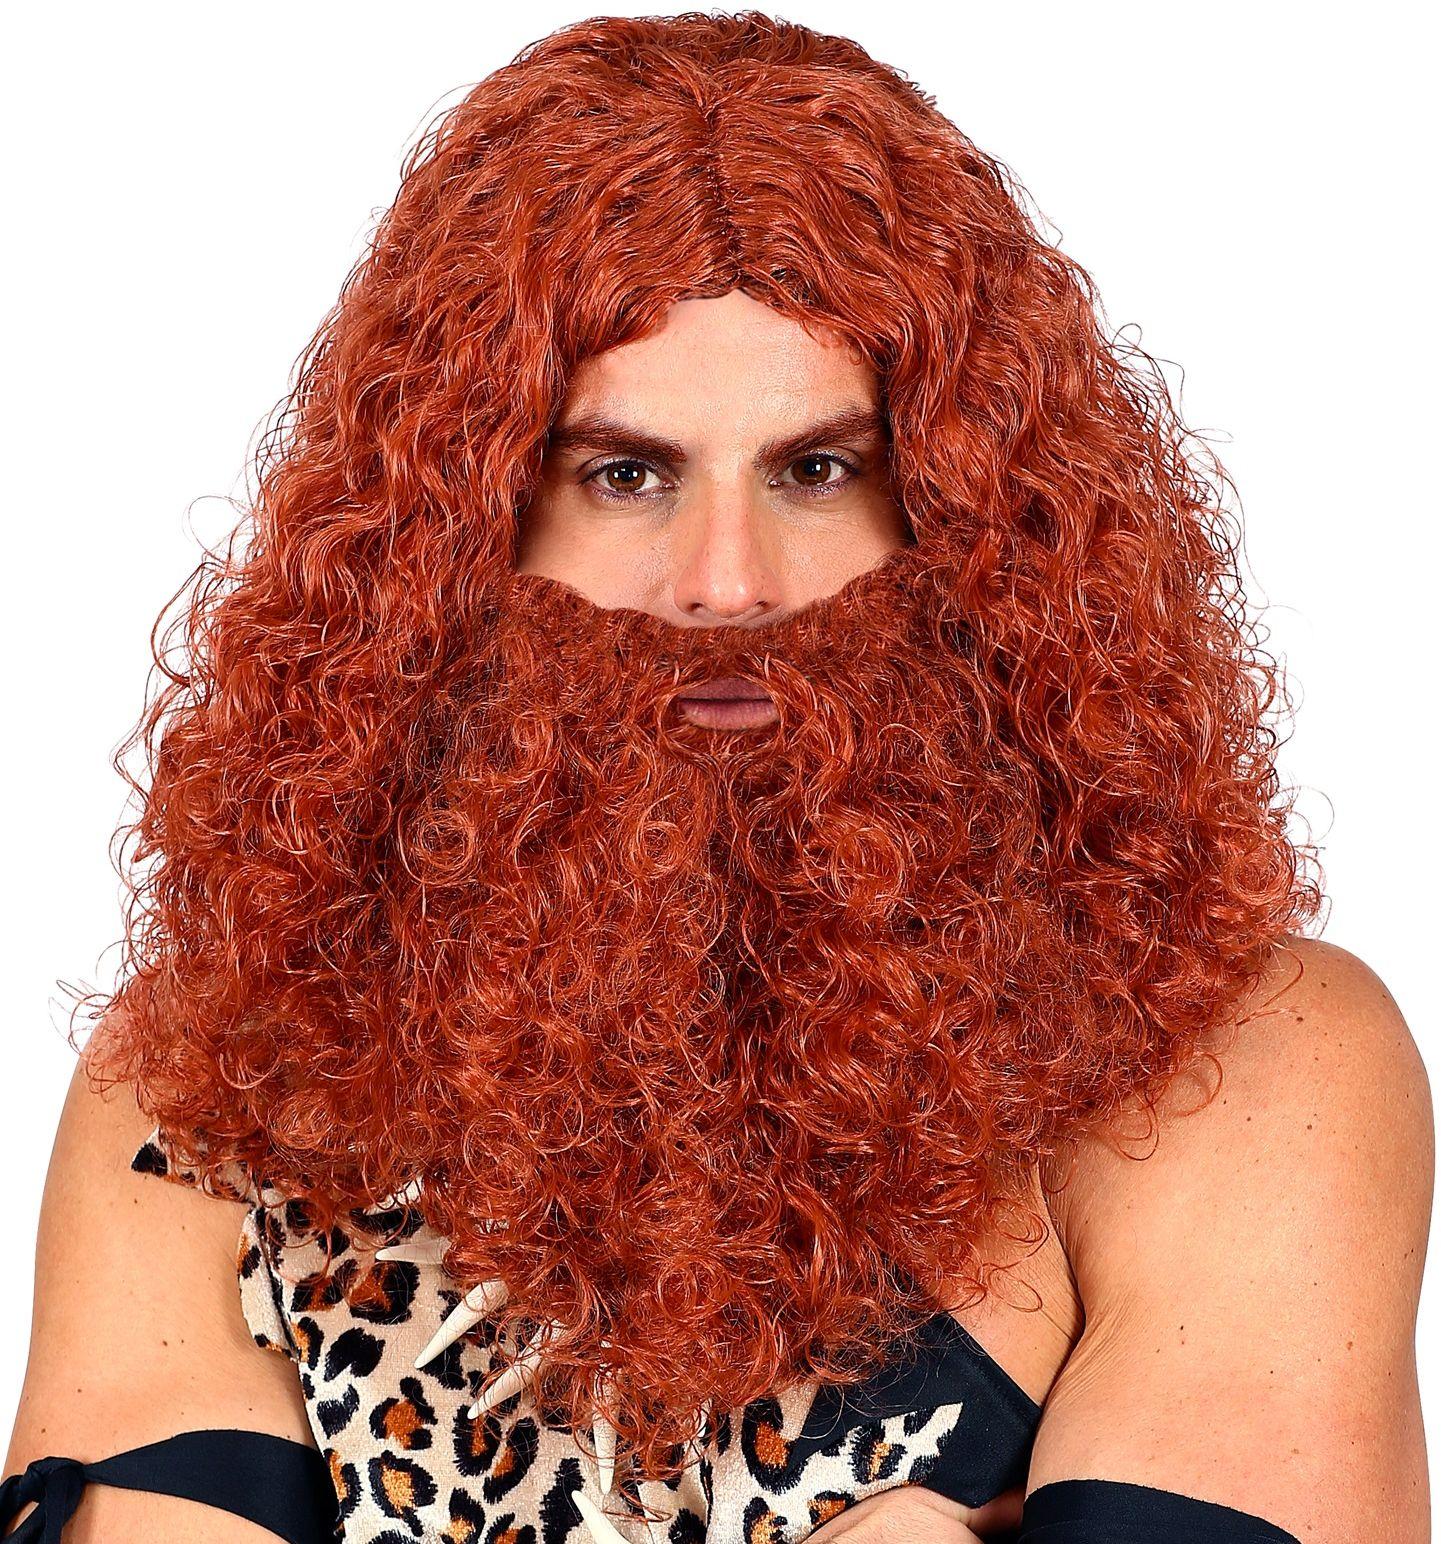 Lange holbewoner pruik met baard